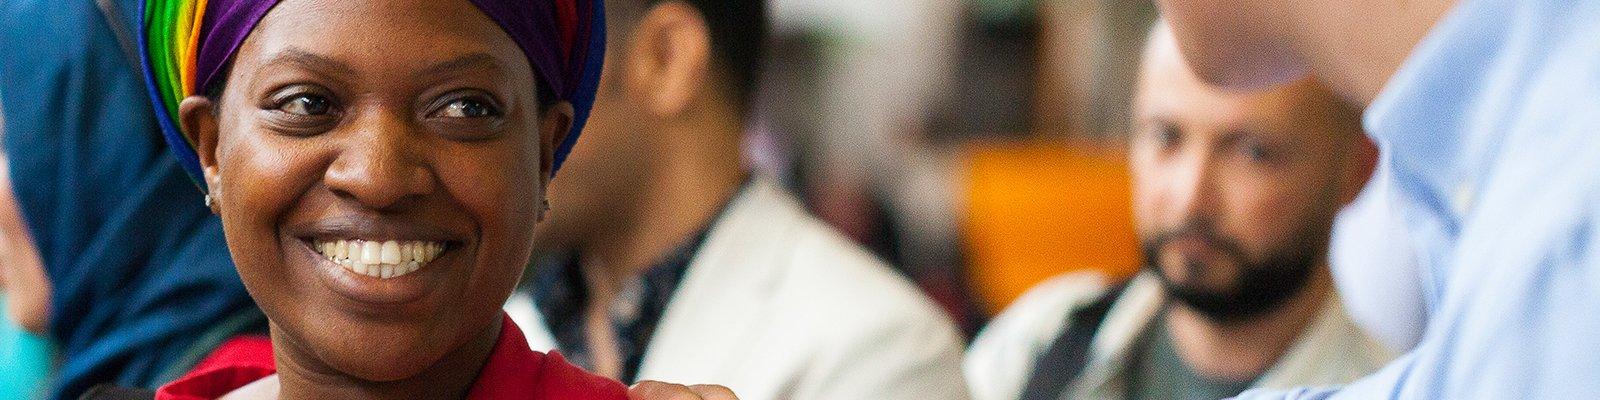 Deelnemer aan het onderwijsprogramma voor vluchtelingen InclUUsion.